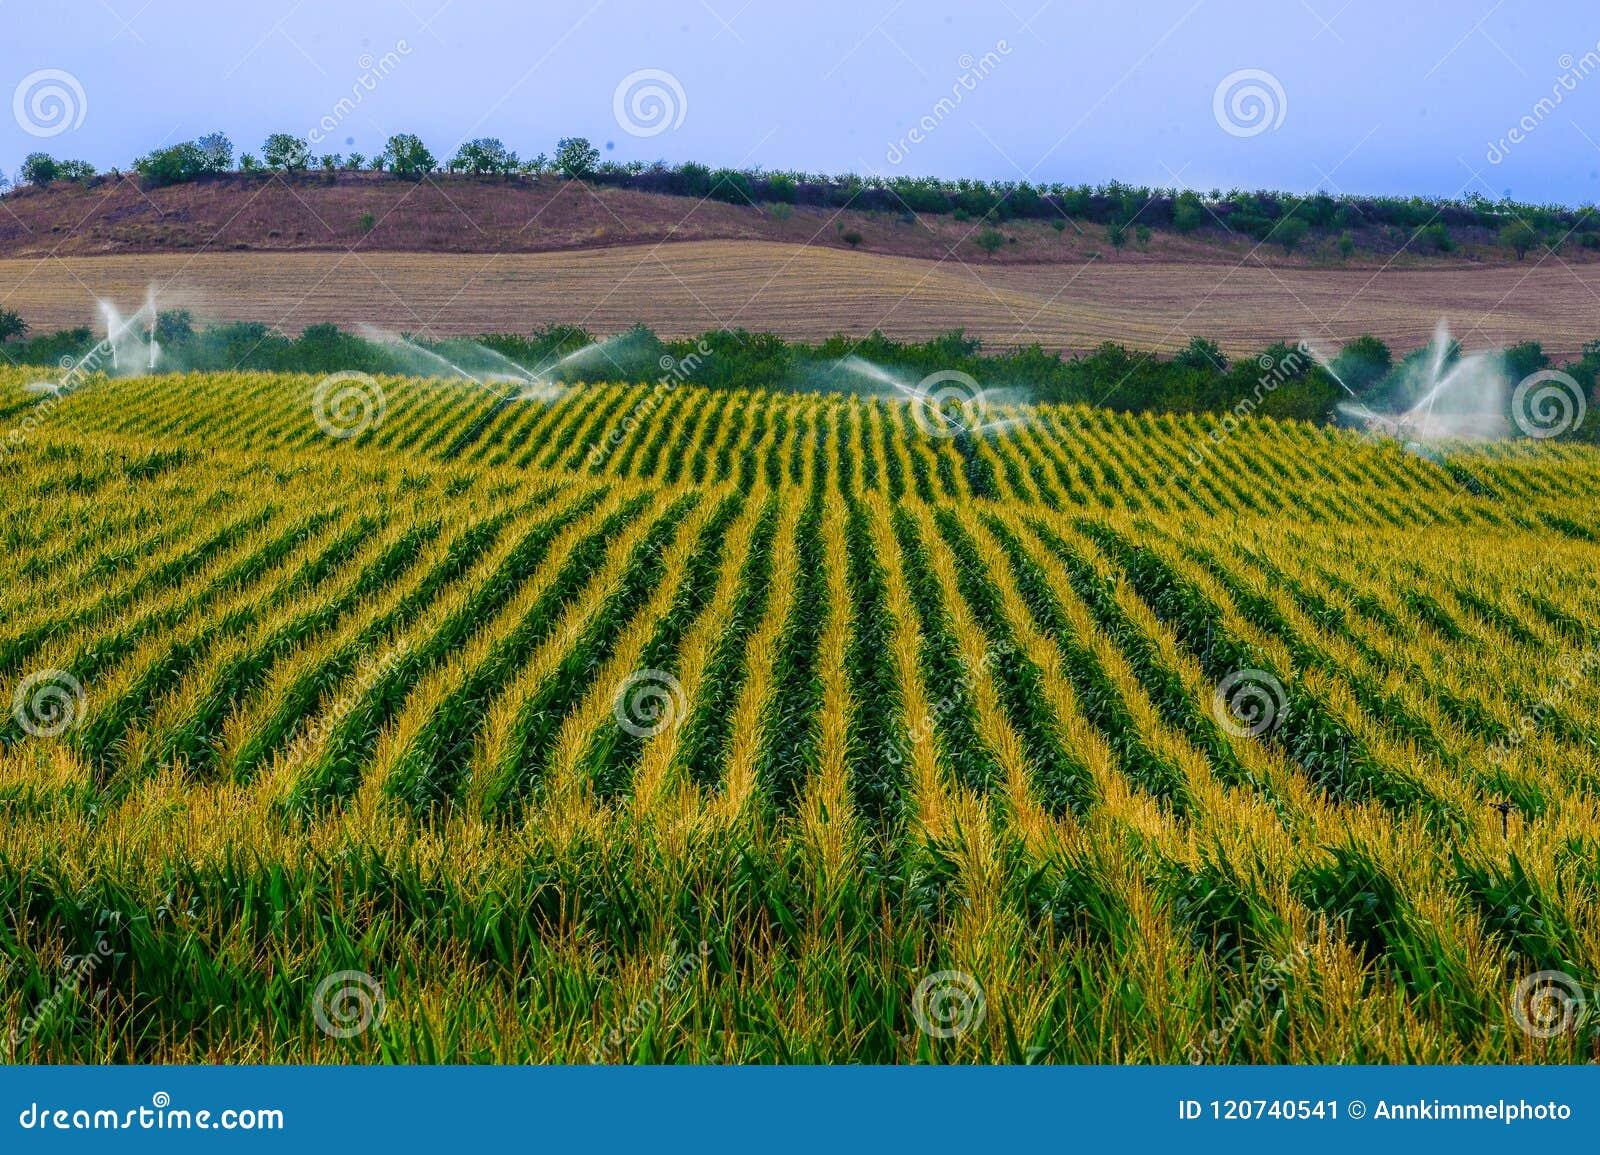 Ο πράσινος τομέας με την ανάπτυξη της συγκομιδής του καλαμποκιού με τη χρησιμοποίηση νερού